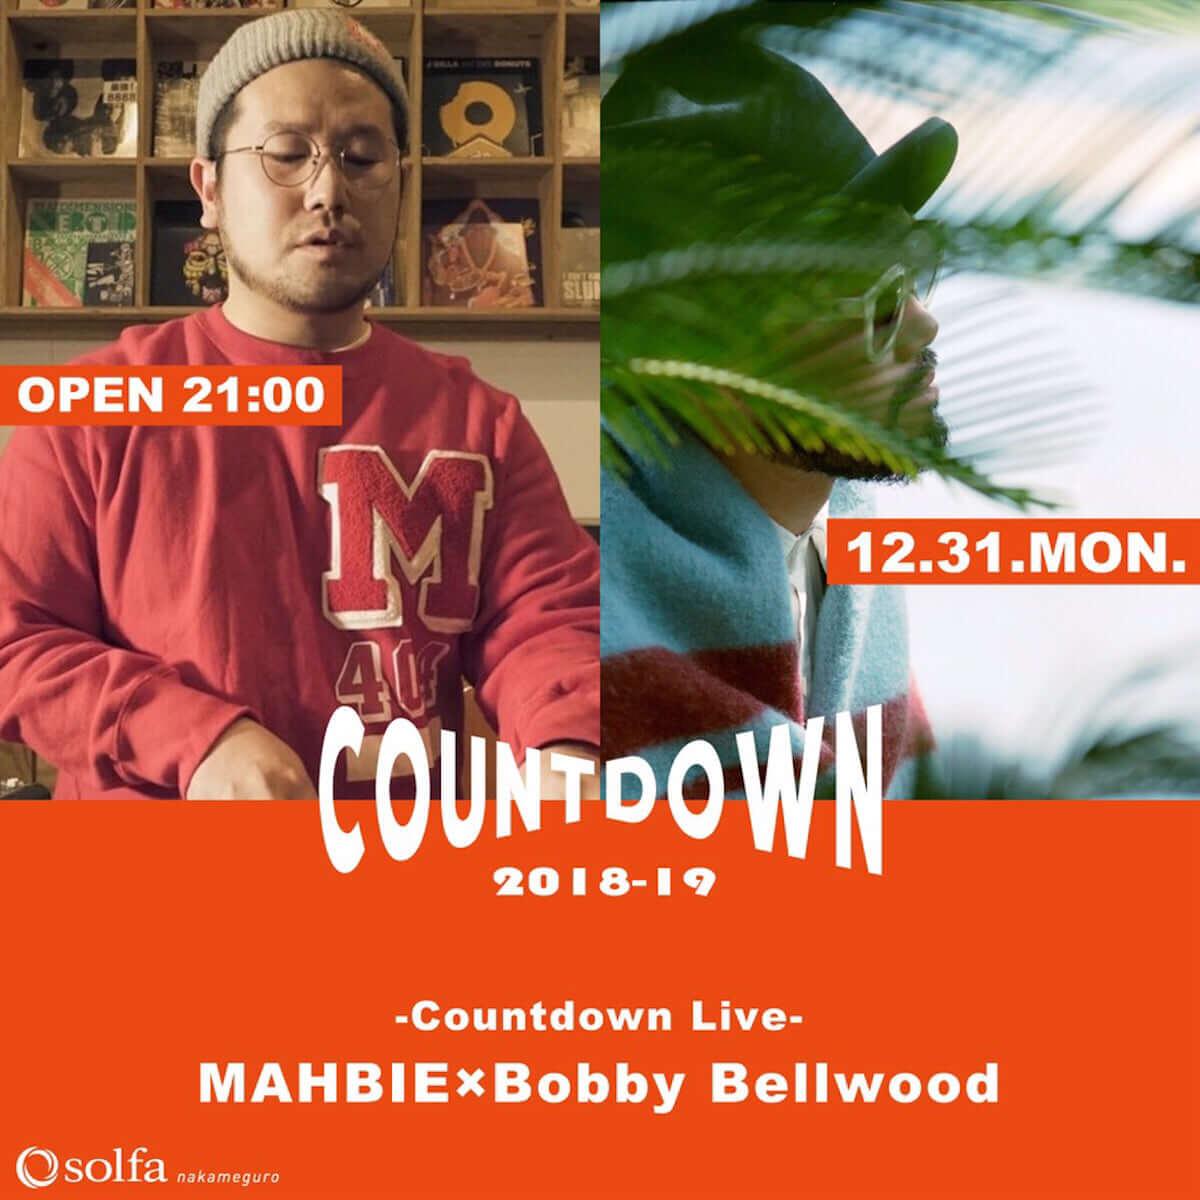 中目黒solfaの2019年カウントダウンはビートメイカーたちの祭典|MAHBIEとBobby Bellwoodのスペシャルライブで良い年明けを! solfa-181229-1200x1200